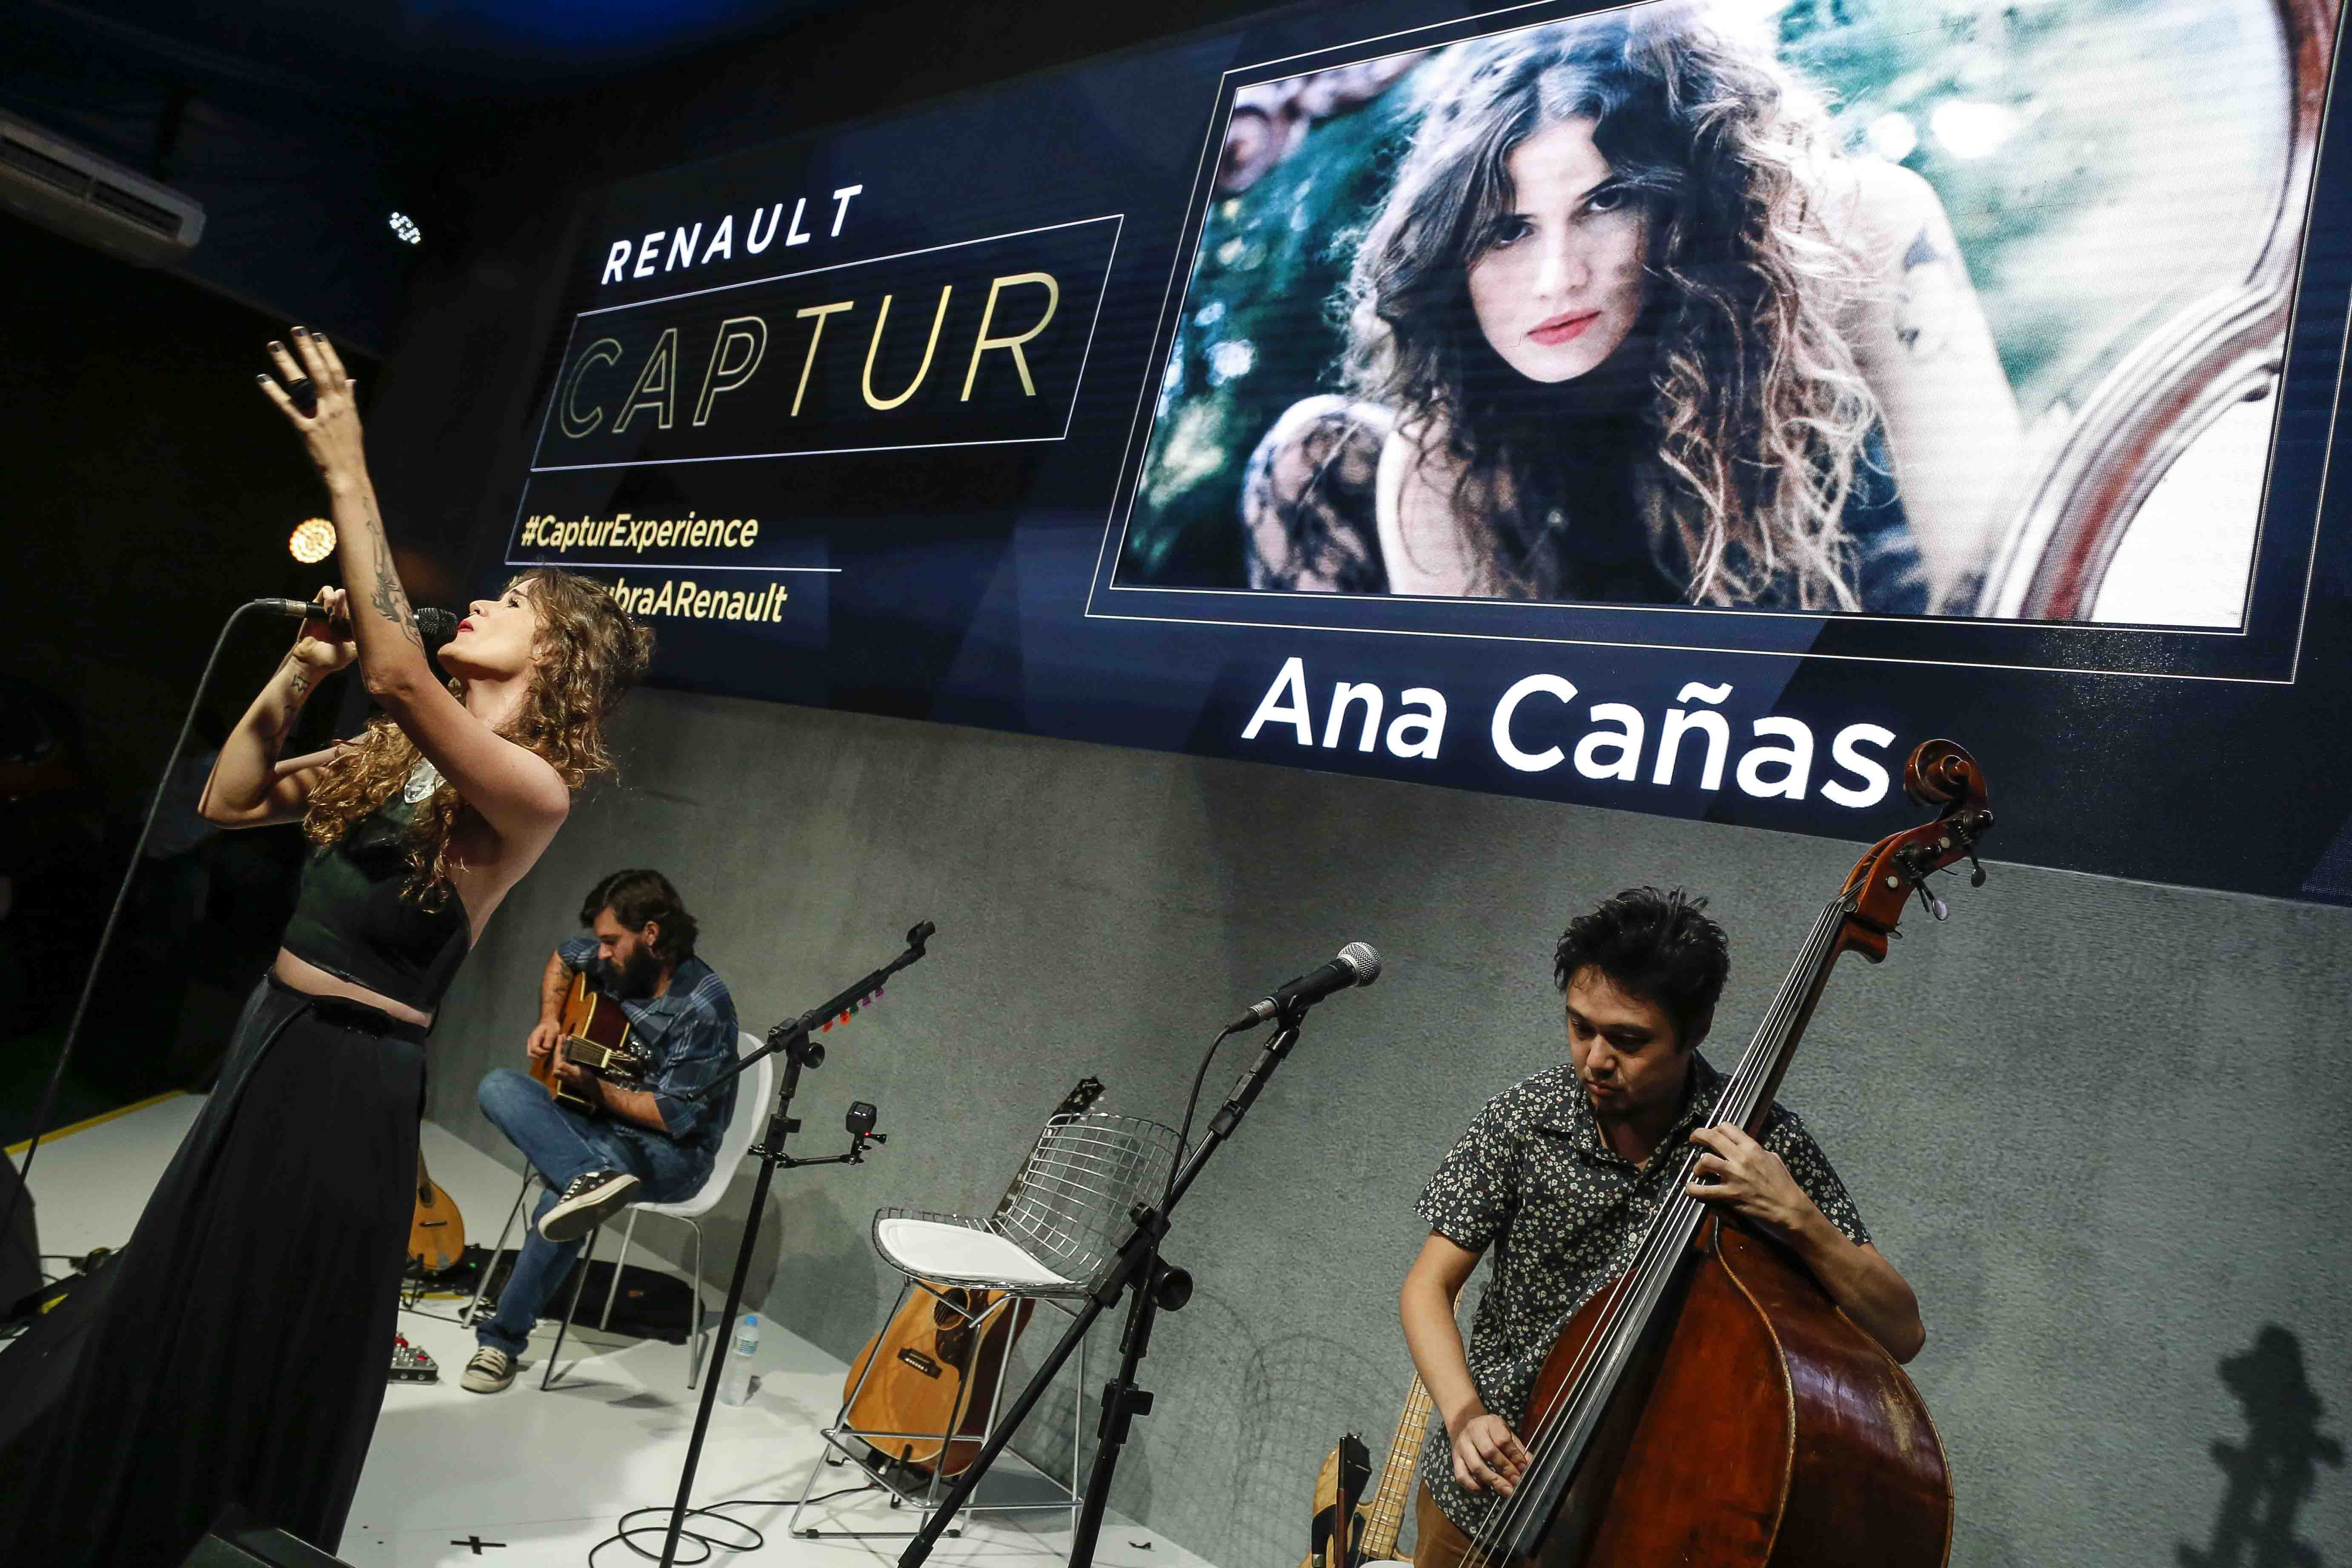 Ana Cañas arrasou em show na Renault Captur Experience